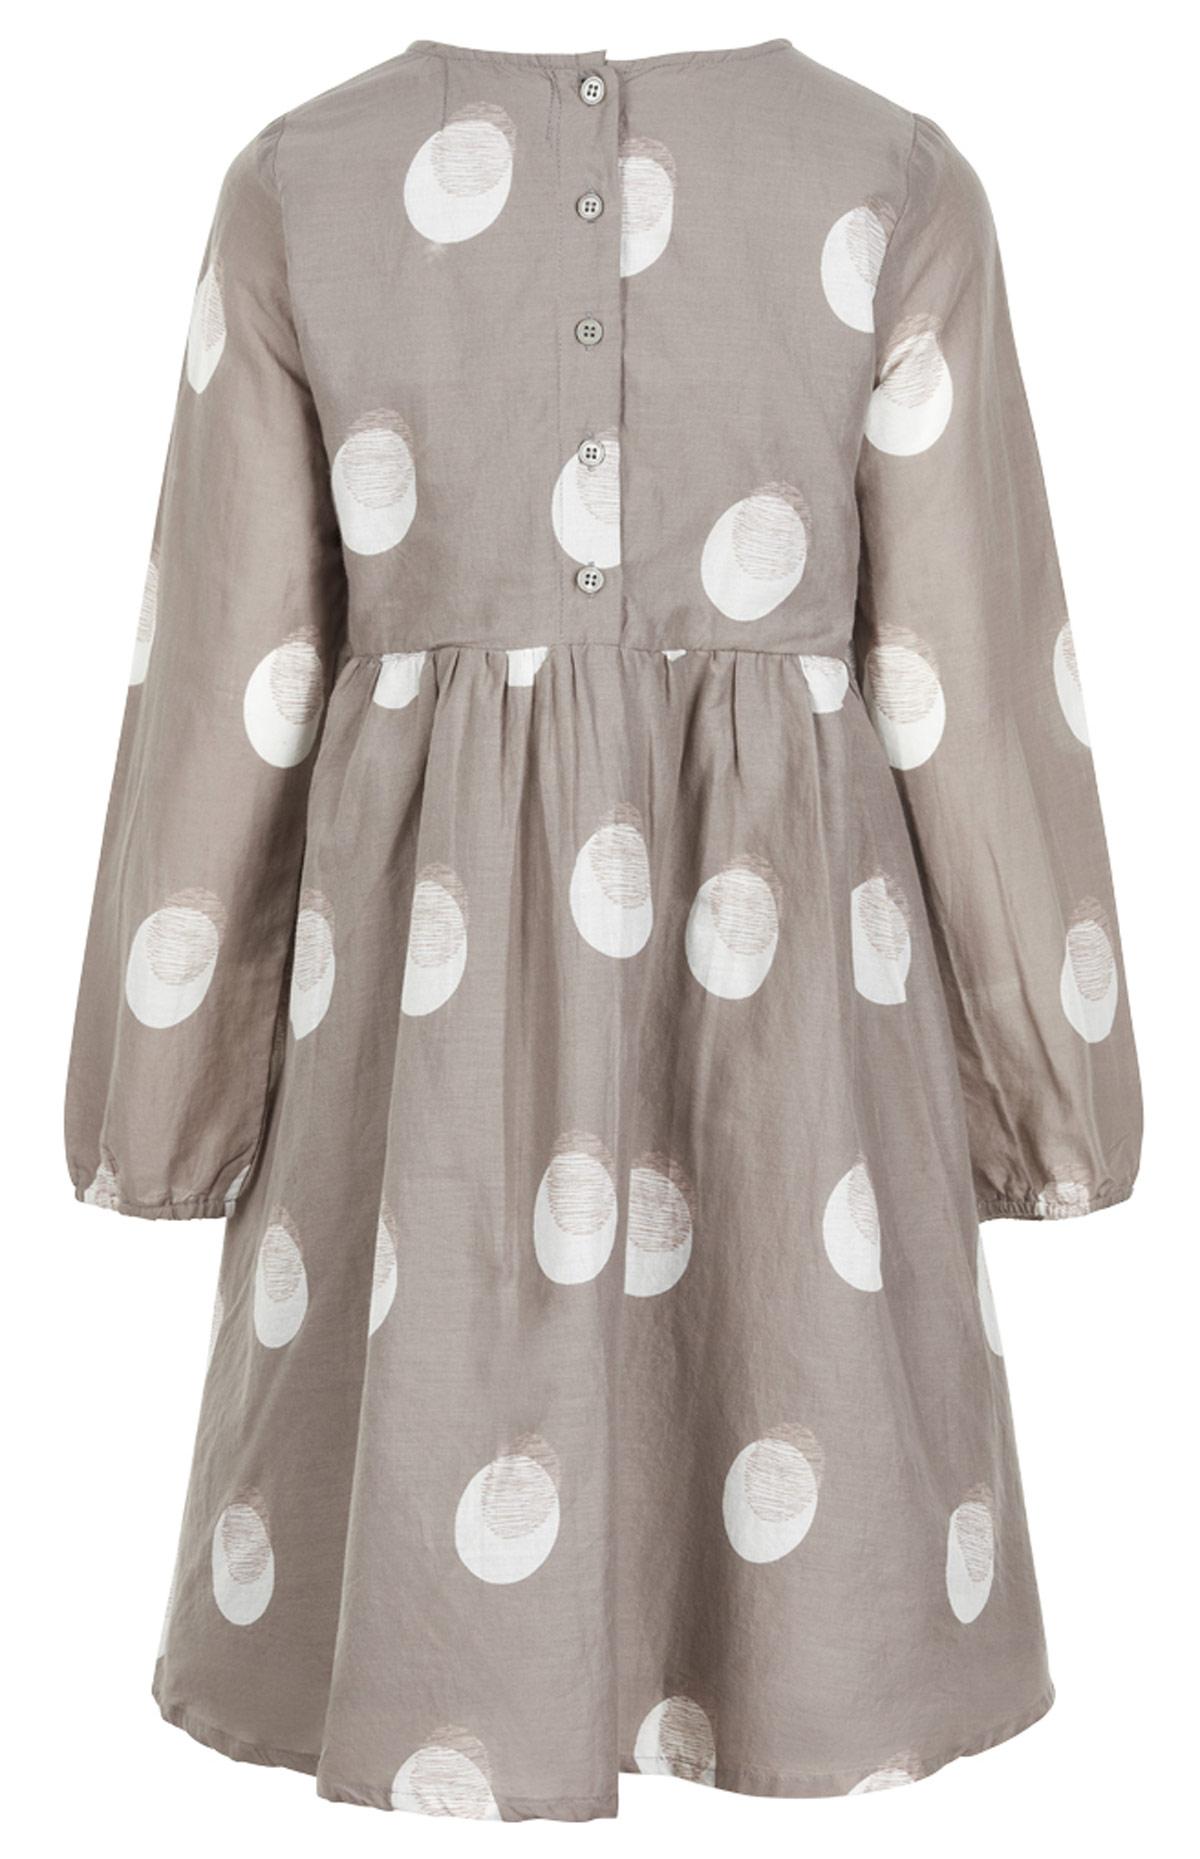 Creamie, Kleid, Langarm Kleid, Knielang, Grau,... | KJ-Fashion